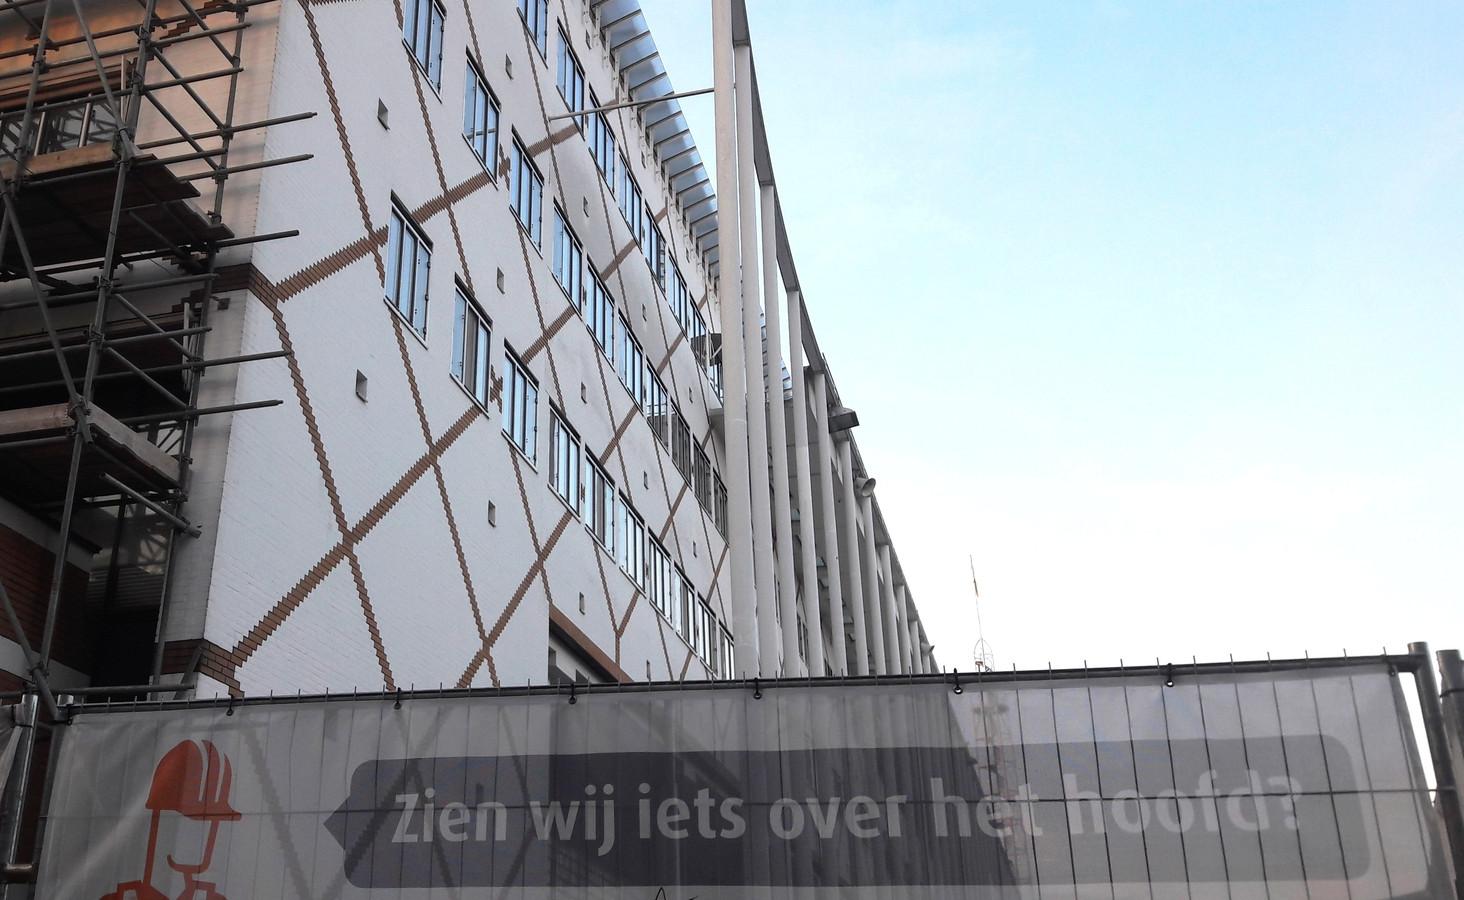 Het stadhuis van Apeldoorn wordt momenteel verbouwd. Daarbij dreigen de kosten de keiharde begroting toch te overschrijden.